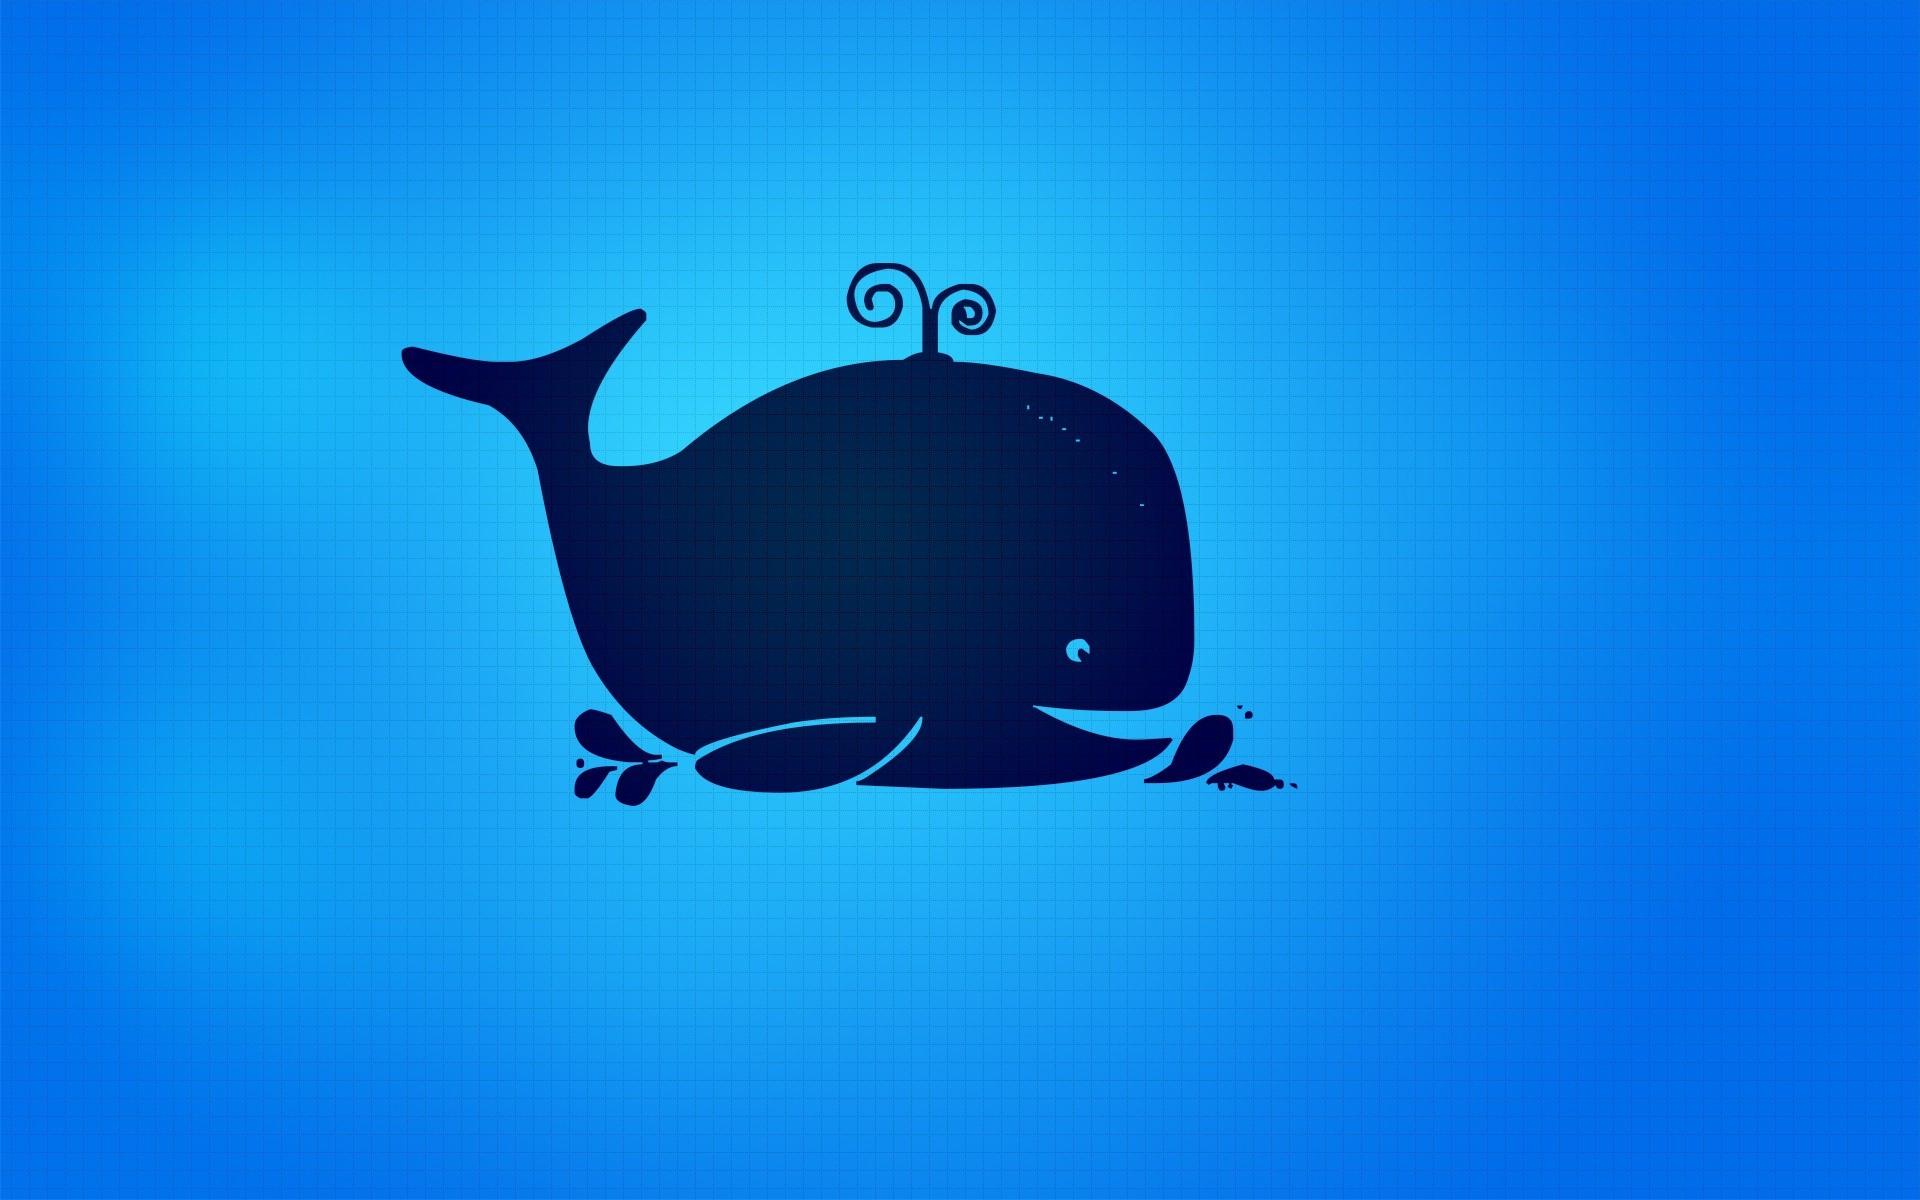 Sfondi illustrazione logo blu cartone animato balena